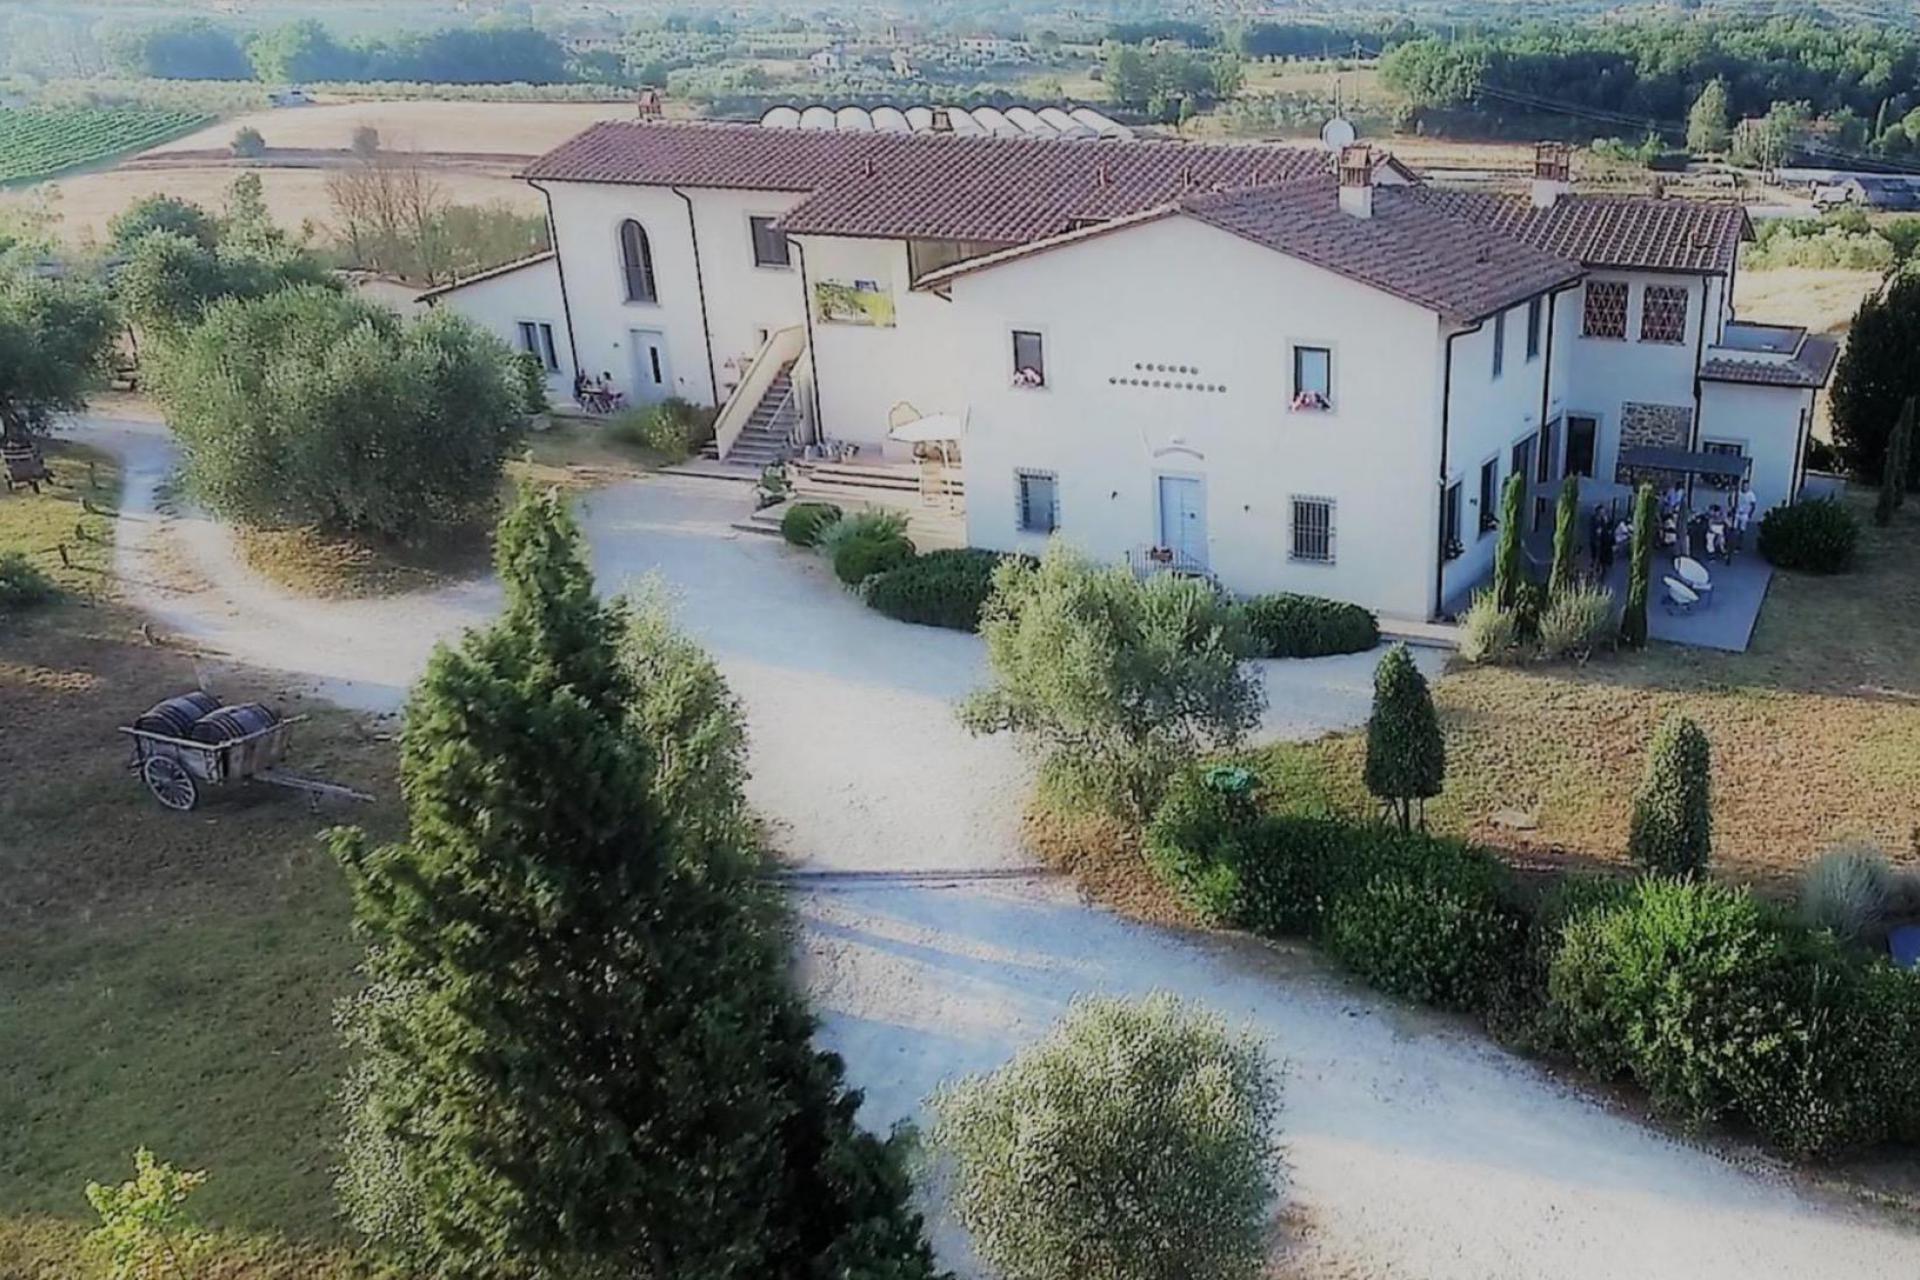 Agriturismo Toscane Gezellige agriturismo bij Vinci in Toscane | myitaly.nl